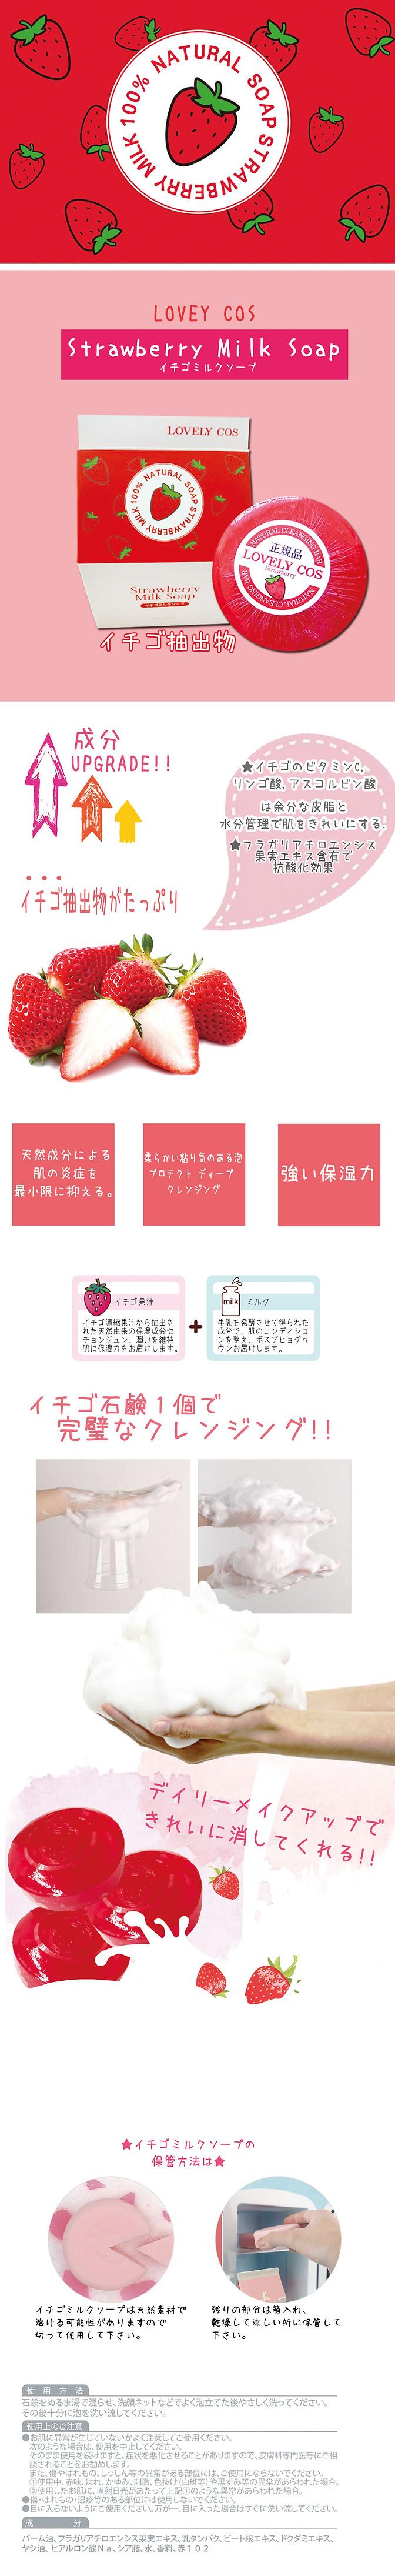 ★딸기우유비누 풀★.jpg